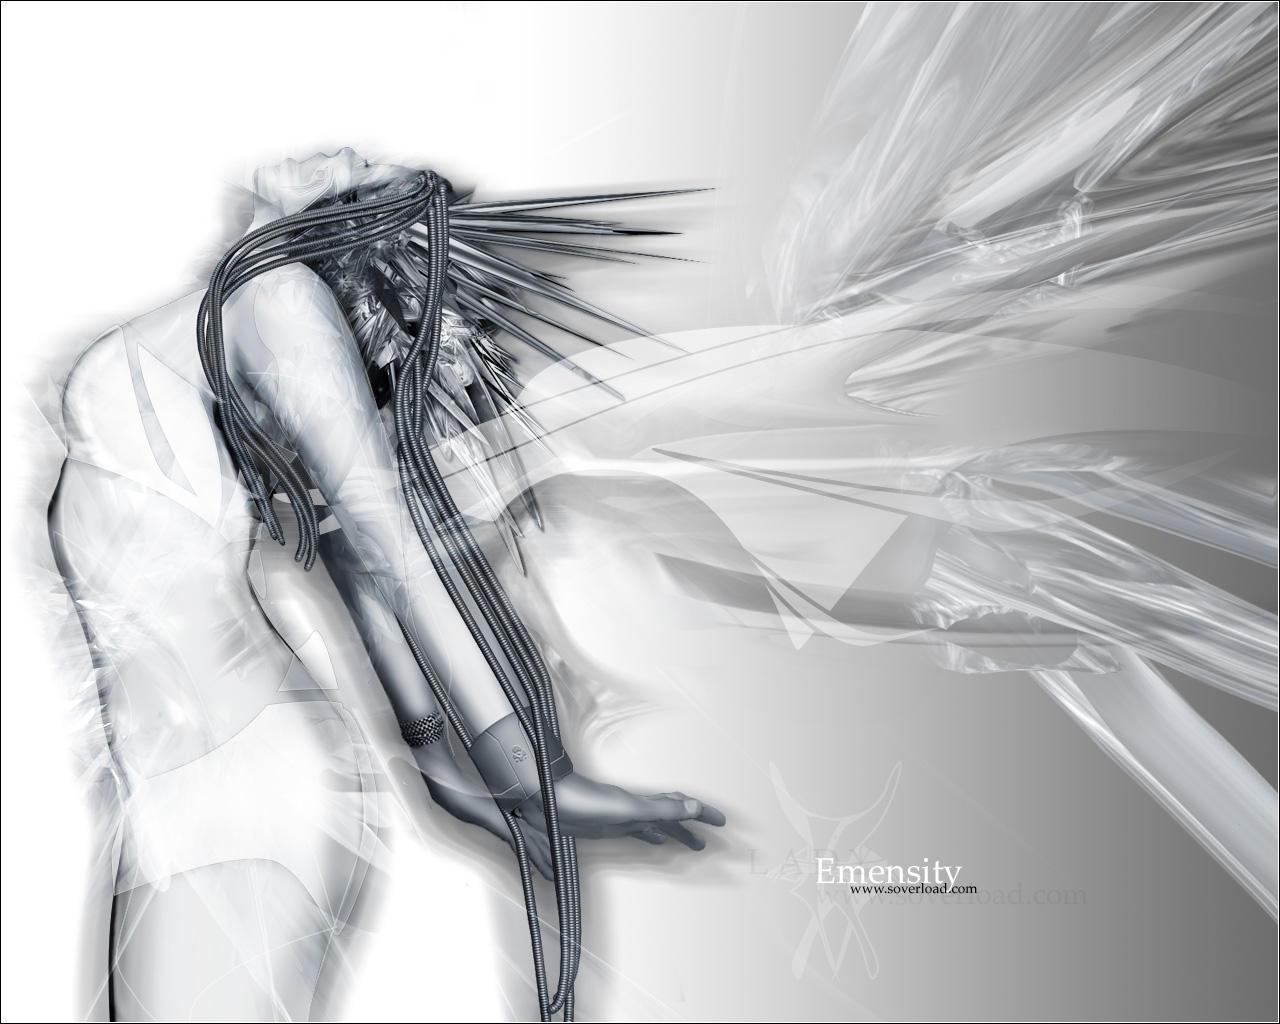 http://fc08.deviantart.net/images/i/2003/42/0/e/Emensity.jpg